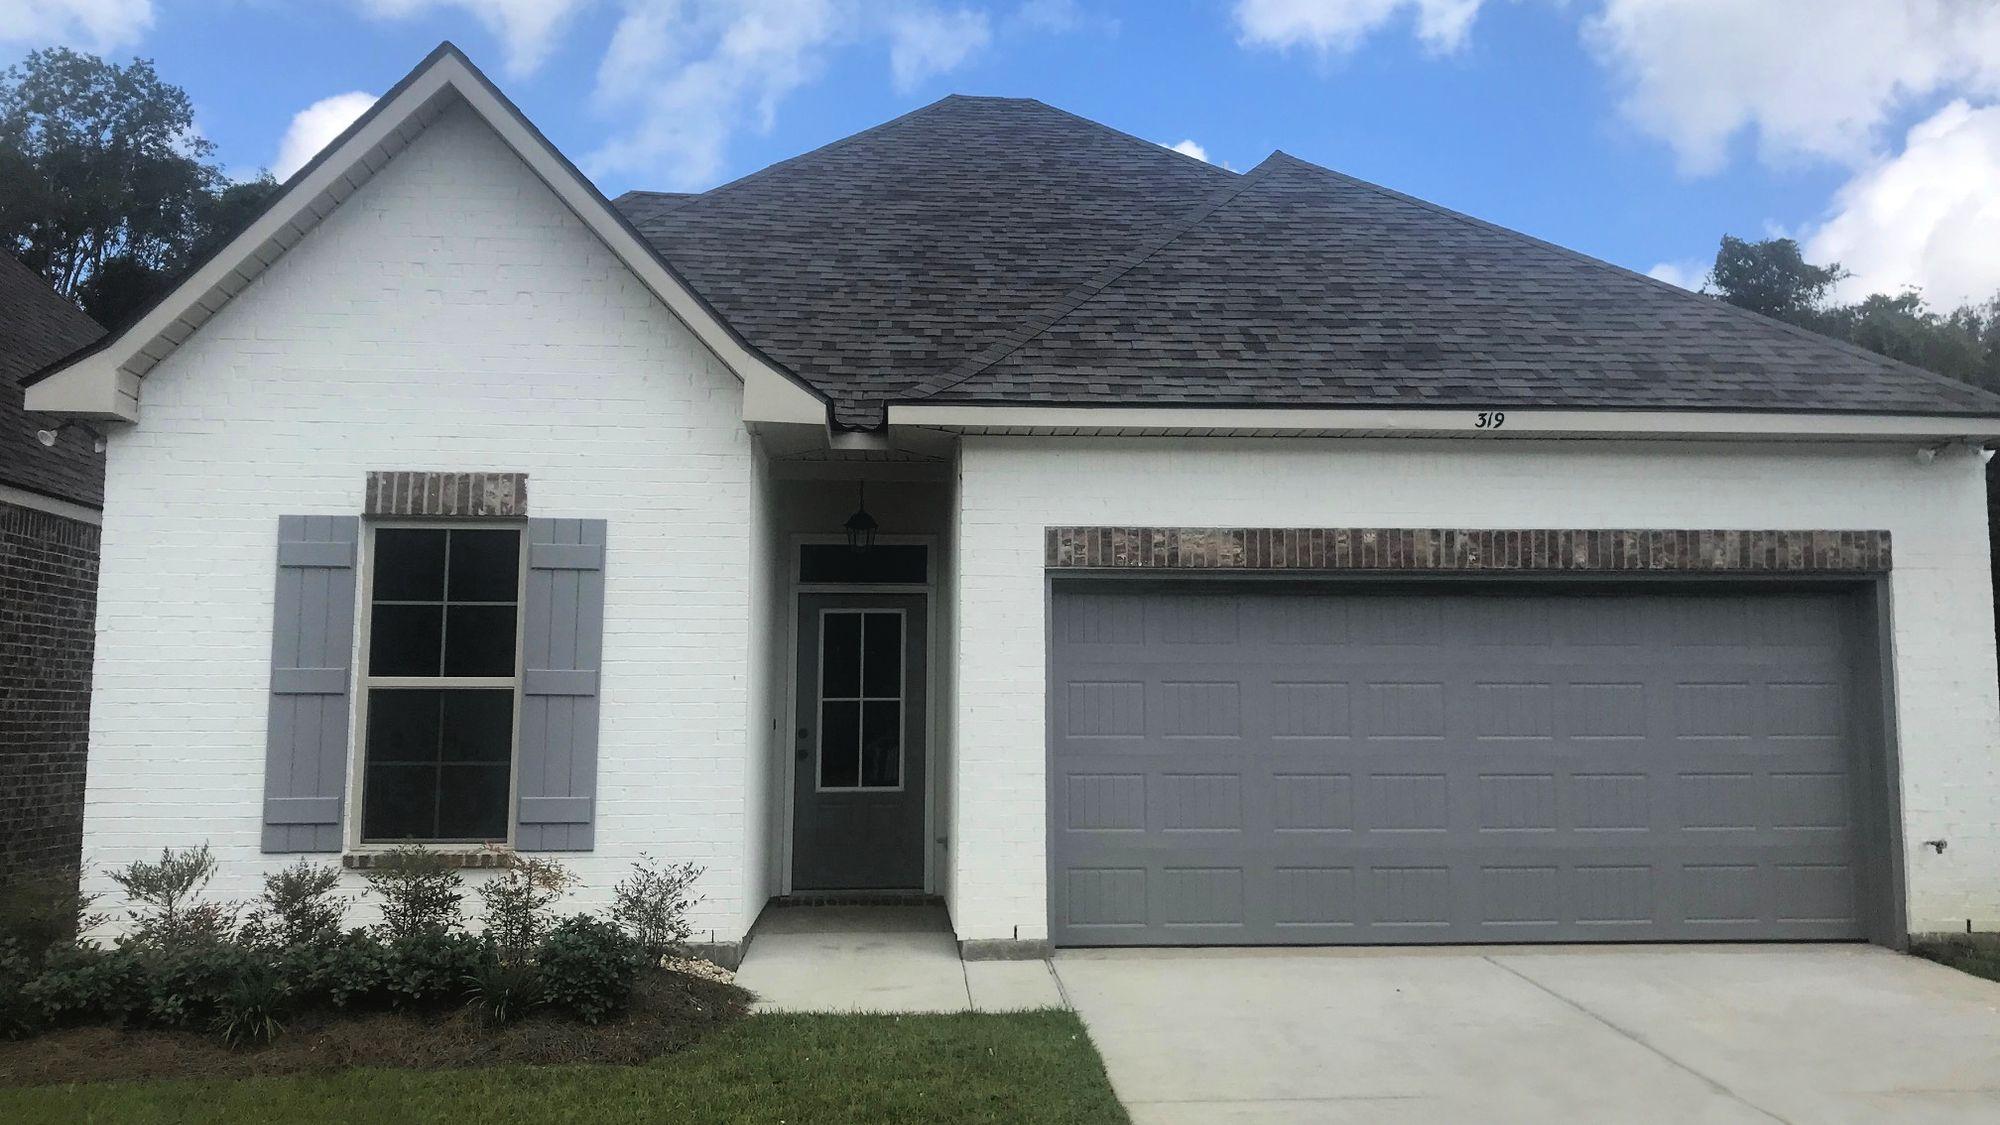 Front View - Talon Estates Community - DSLD Homes - Broussard